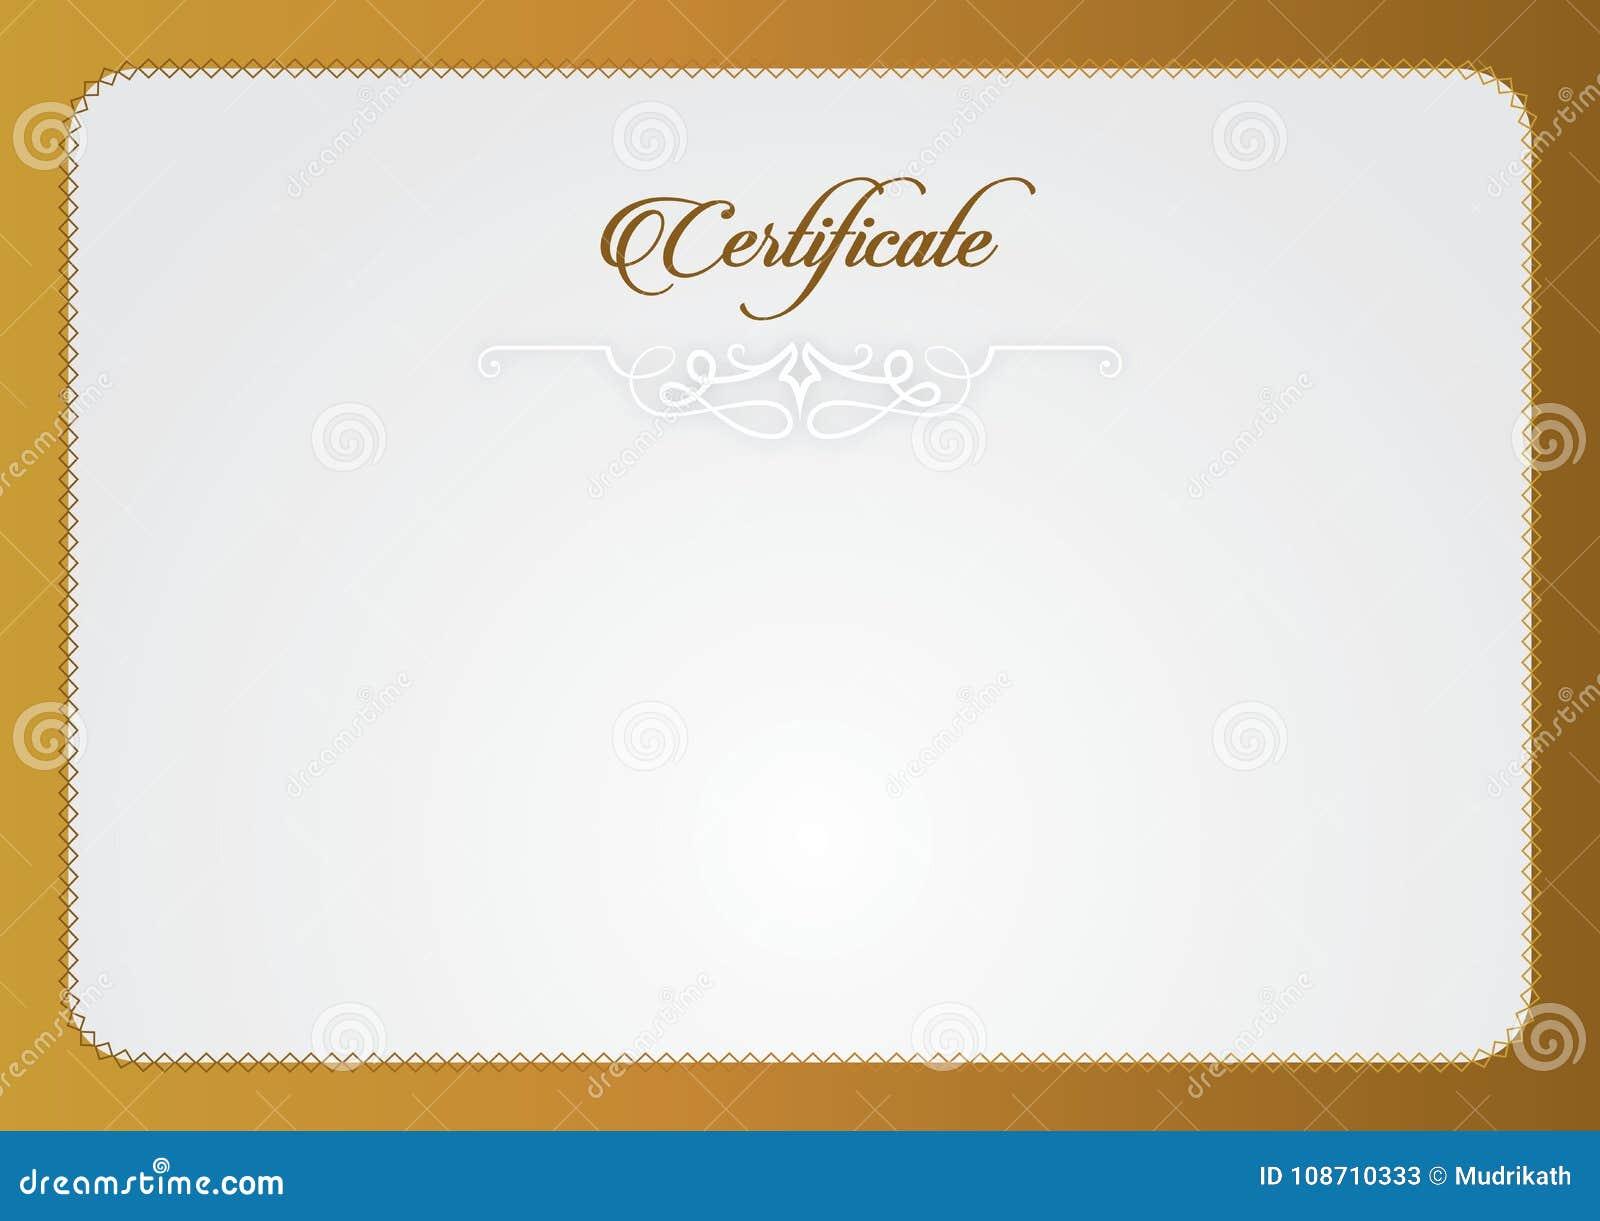 Molde do certificado O tamanho do certificado A4, certificado apresenta certificado